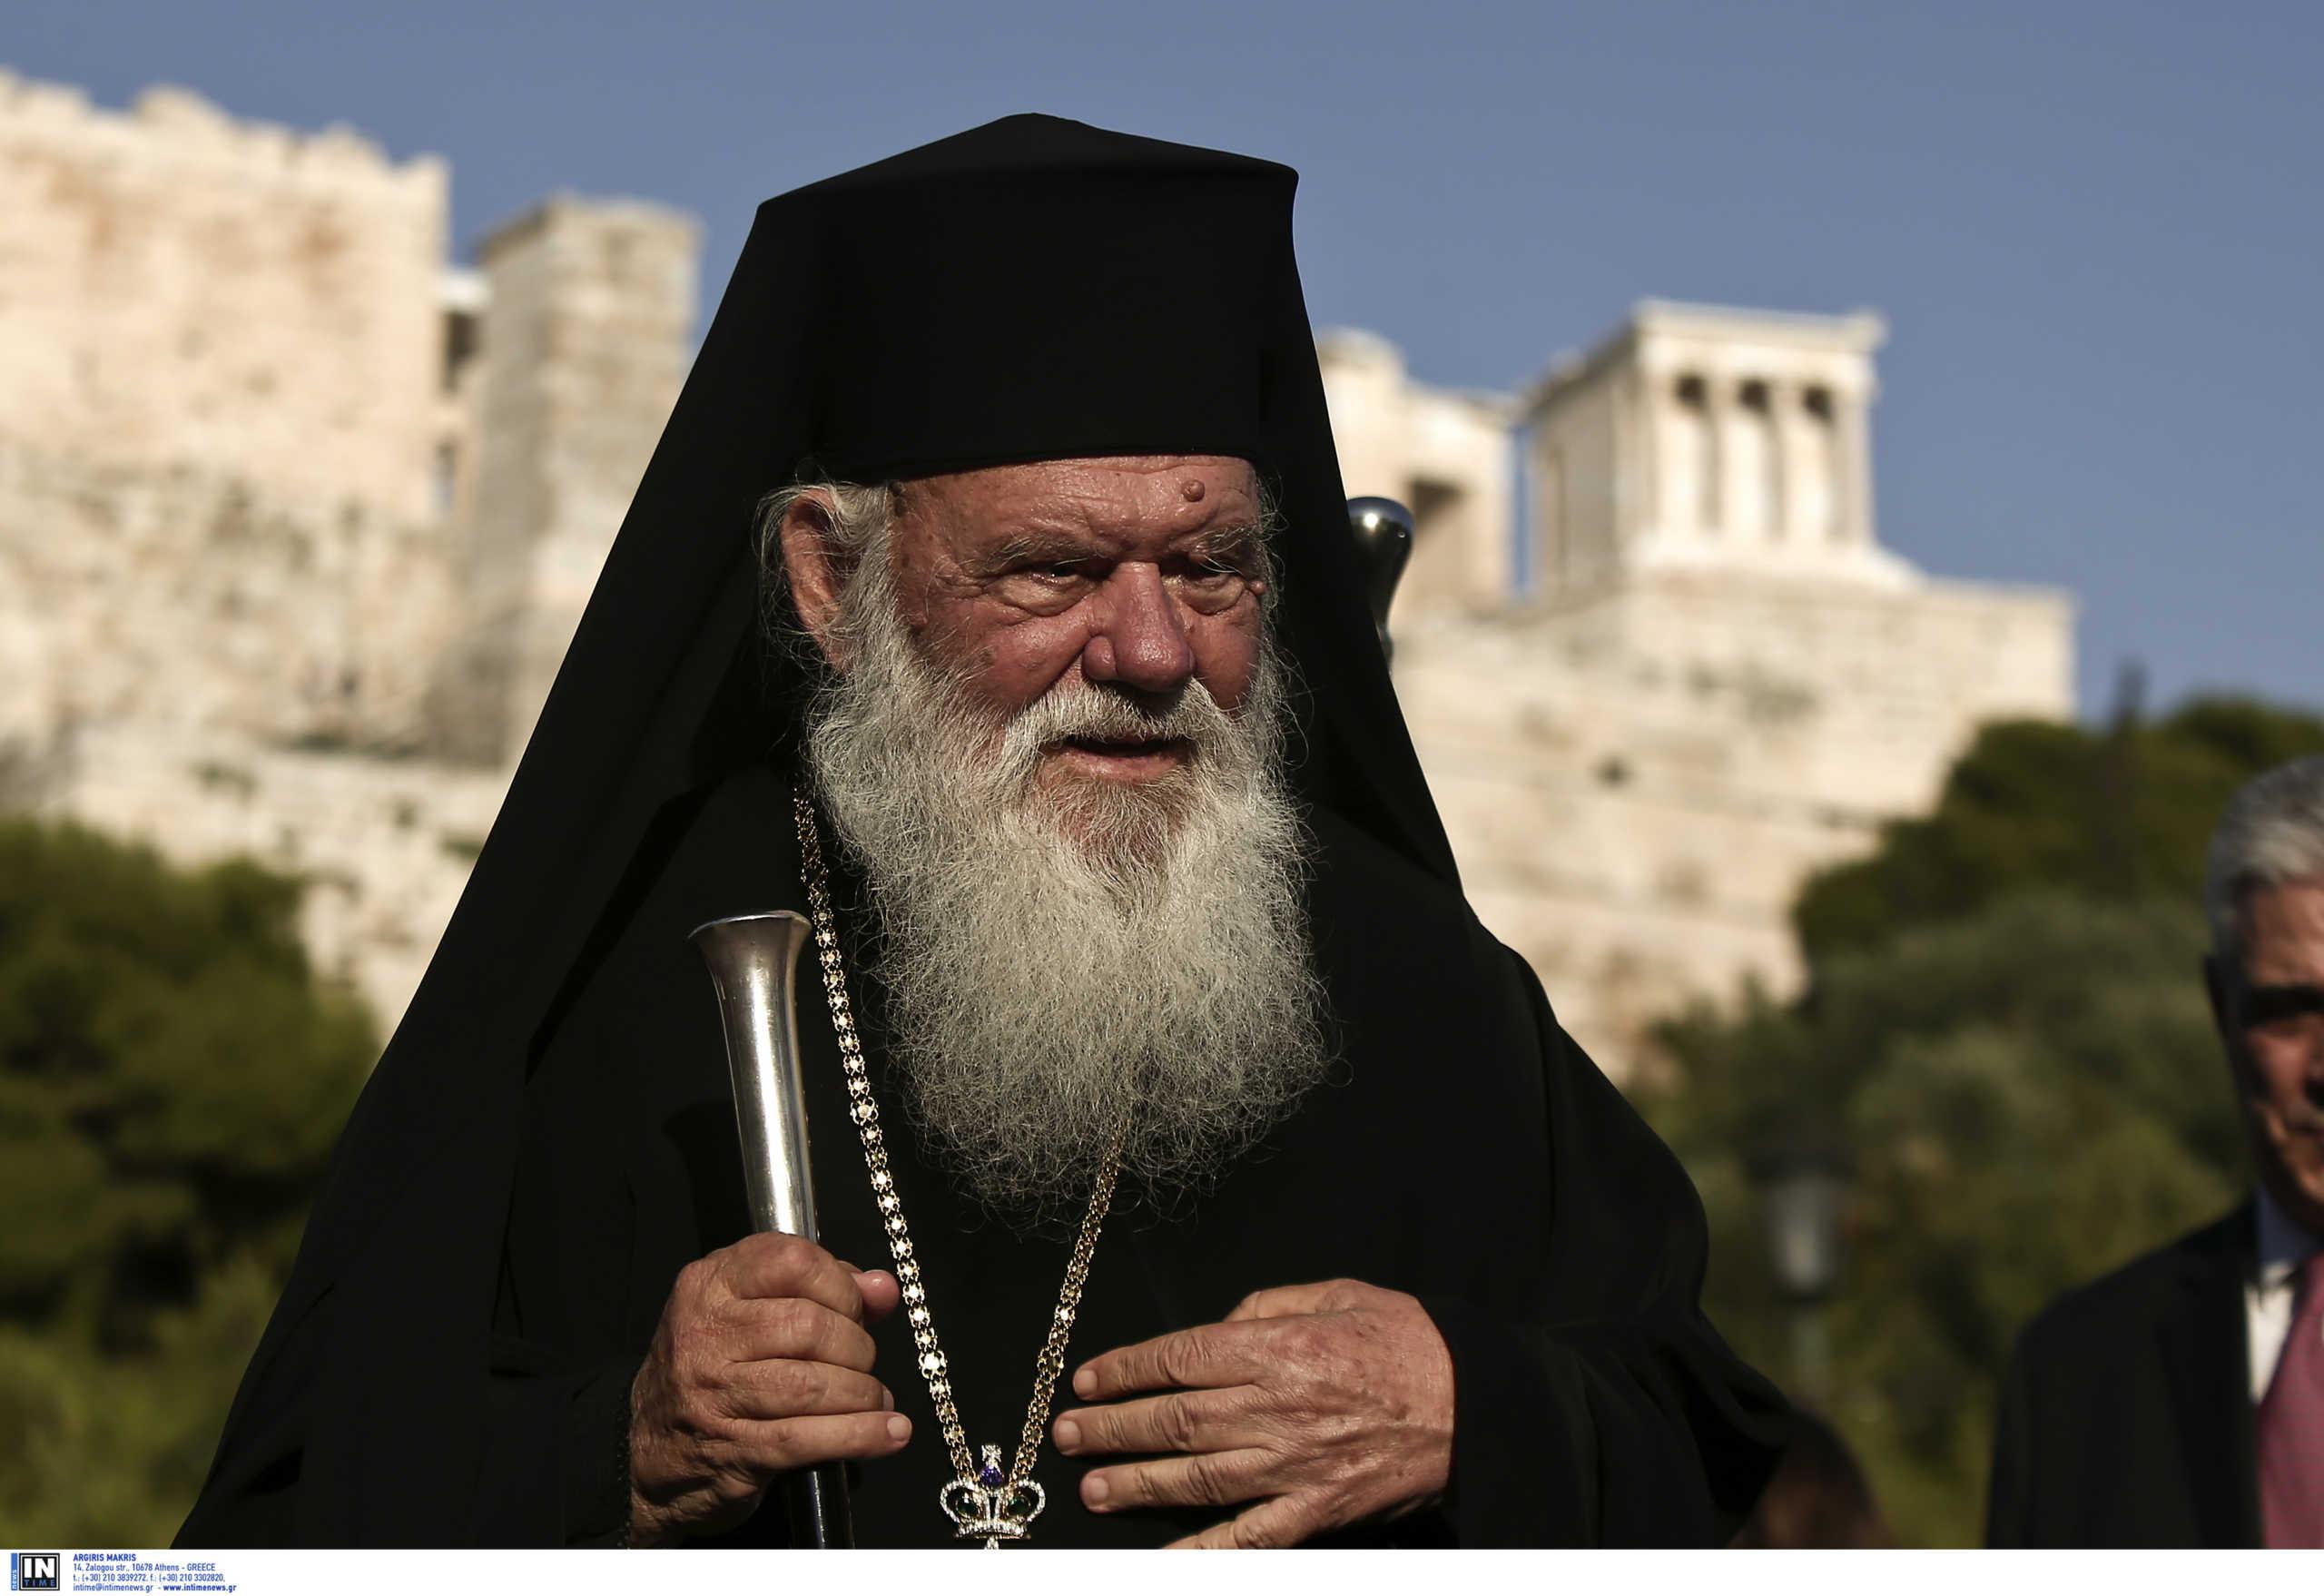 Ιερώνυμος για Αγιά Σοφιά: Προσβολή και ύβρις για όλη την πολιτισμένη ανθρωπότητα